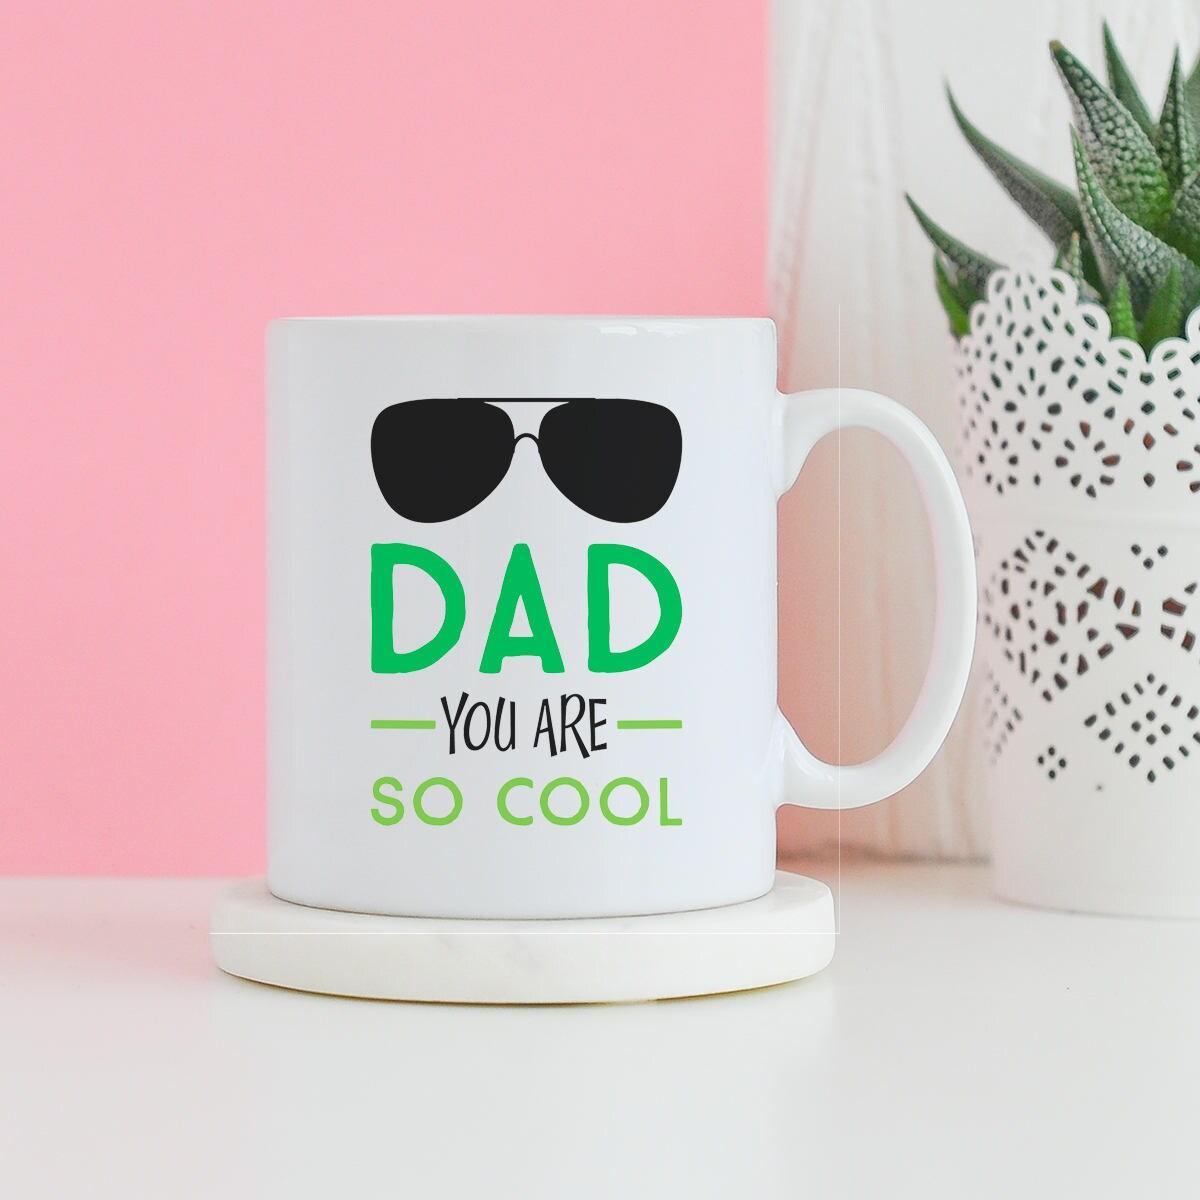 Papa du bist So kühl-Becher Vatertagsgeschenk Geburtstag | Etsy